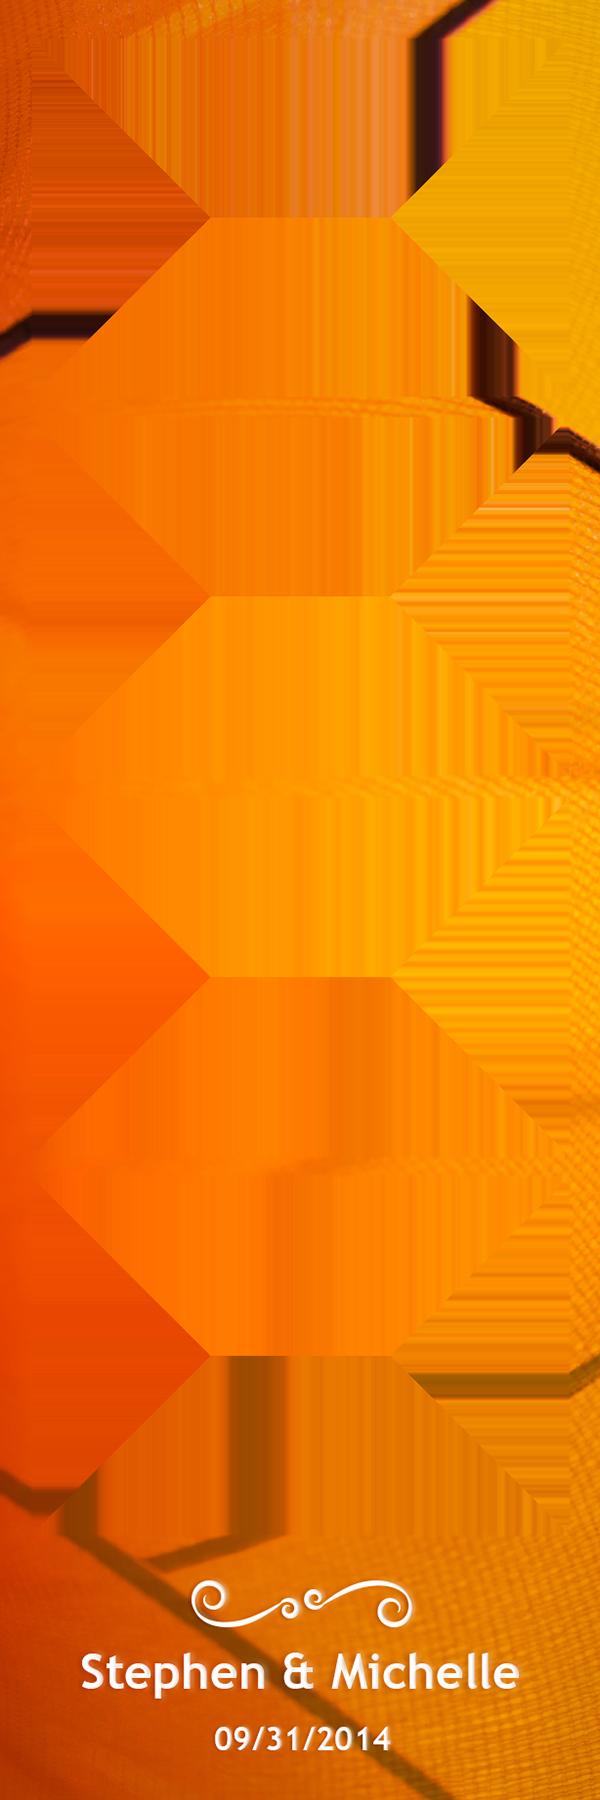 018B_Orange_4UP_D1.png